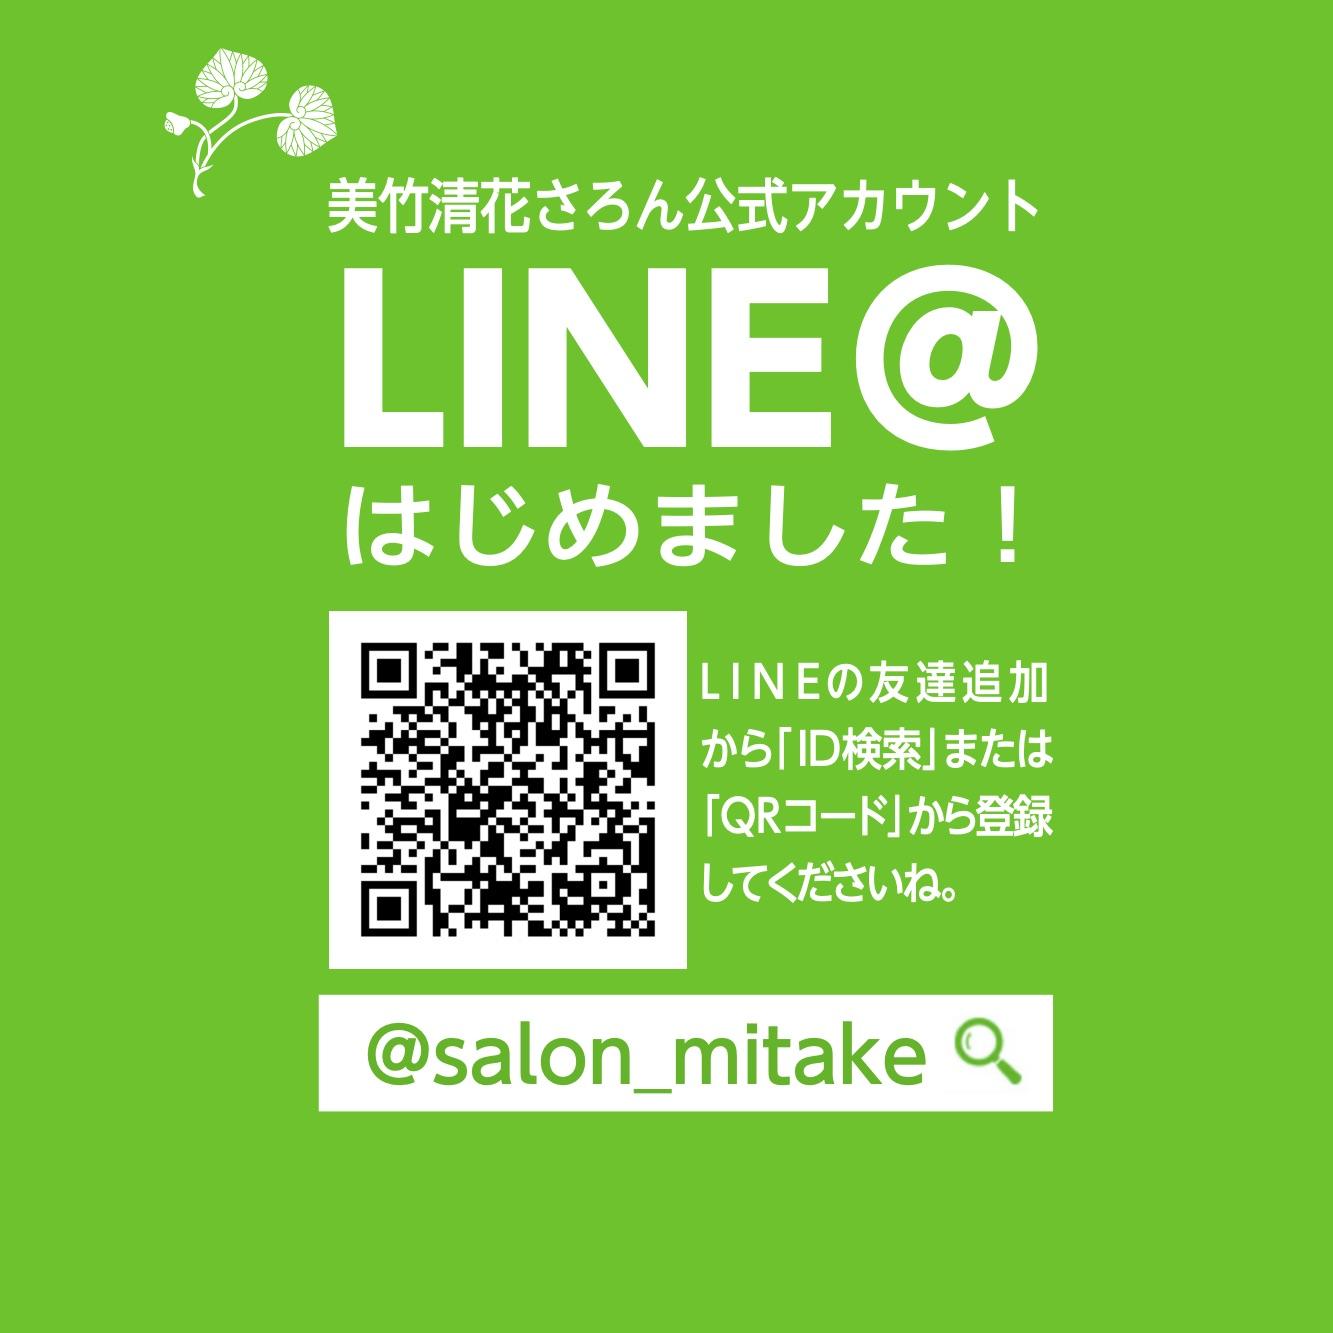 【美竹サロン公式LINE】にて、気になる情報を配信しております♪